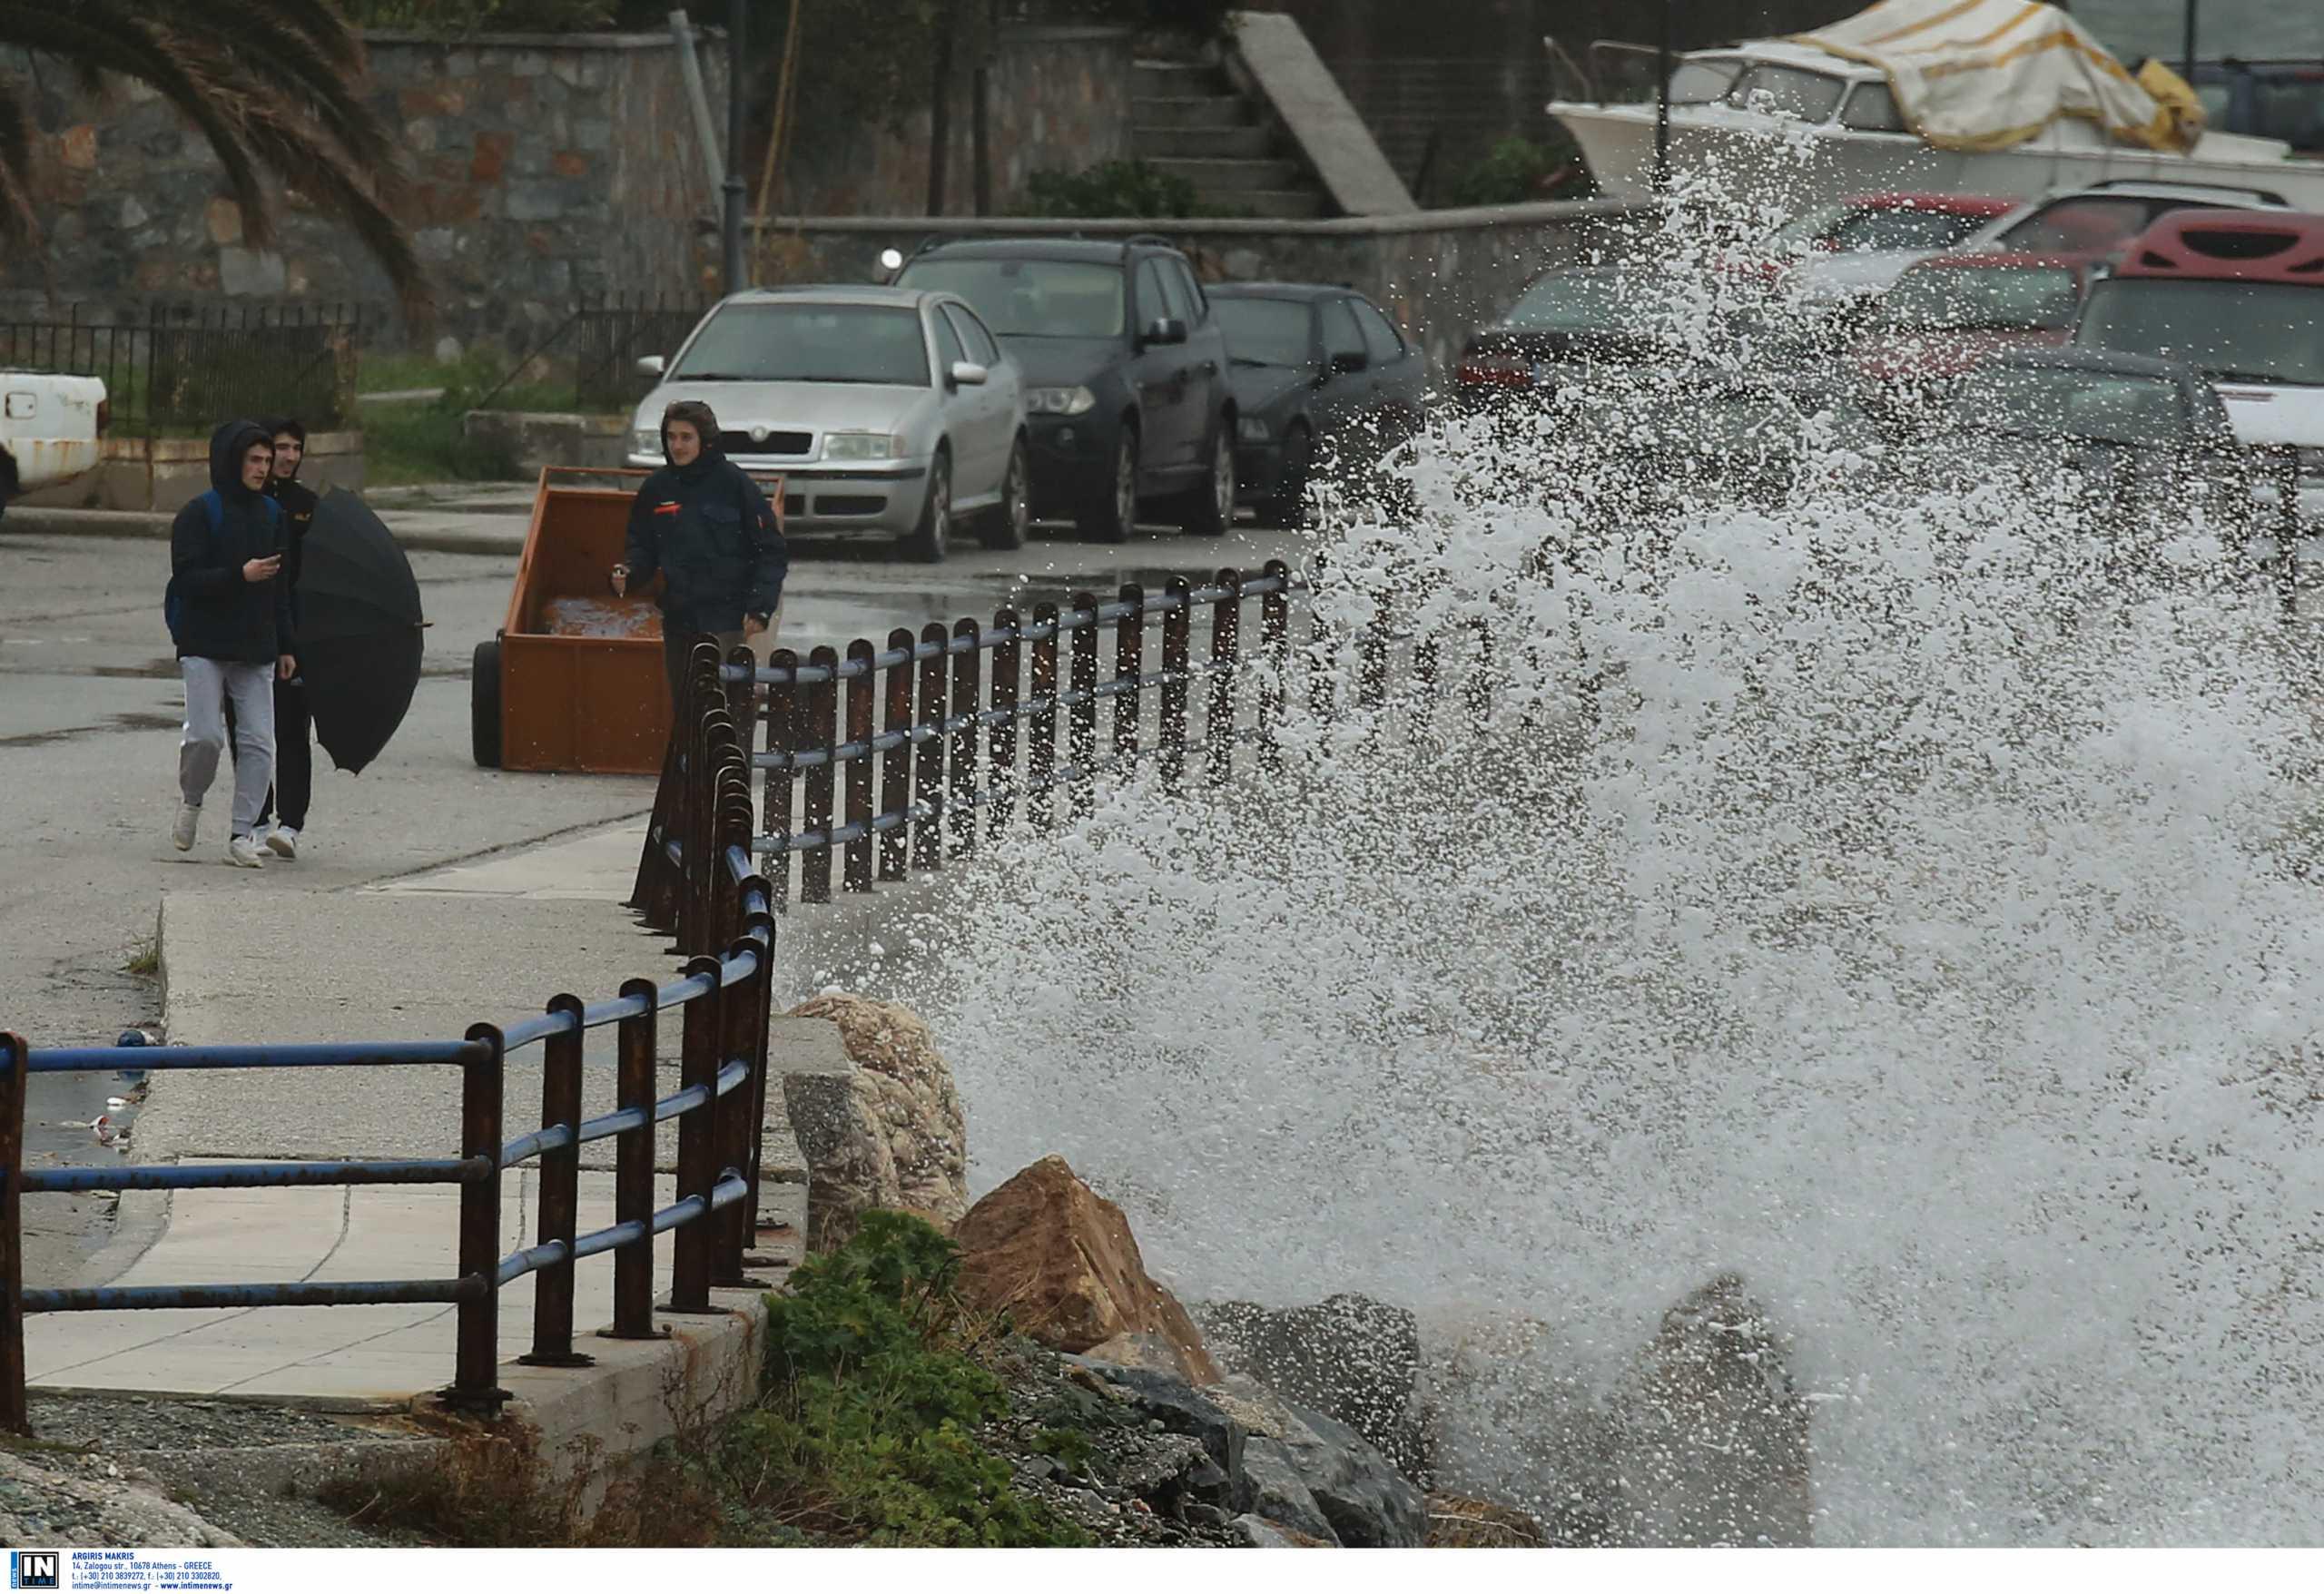 Καιρός: Έκτακτο δελτίο επιδείνωσης με καταιγίδες και θυελλώδεις ανέμους